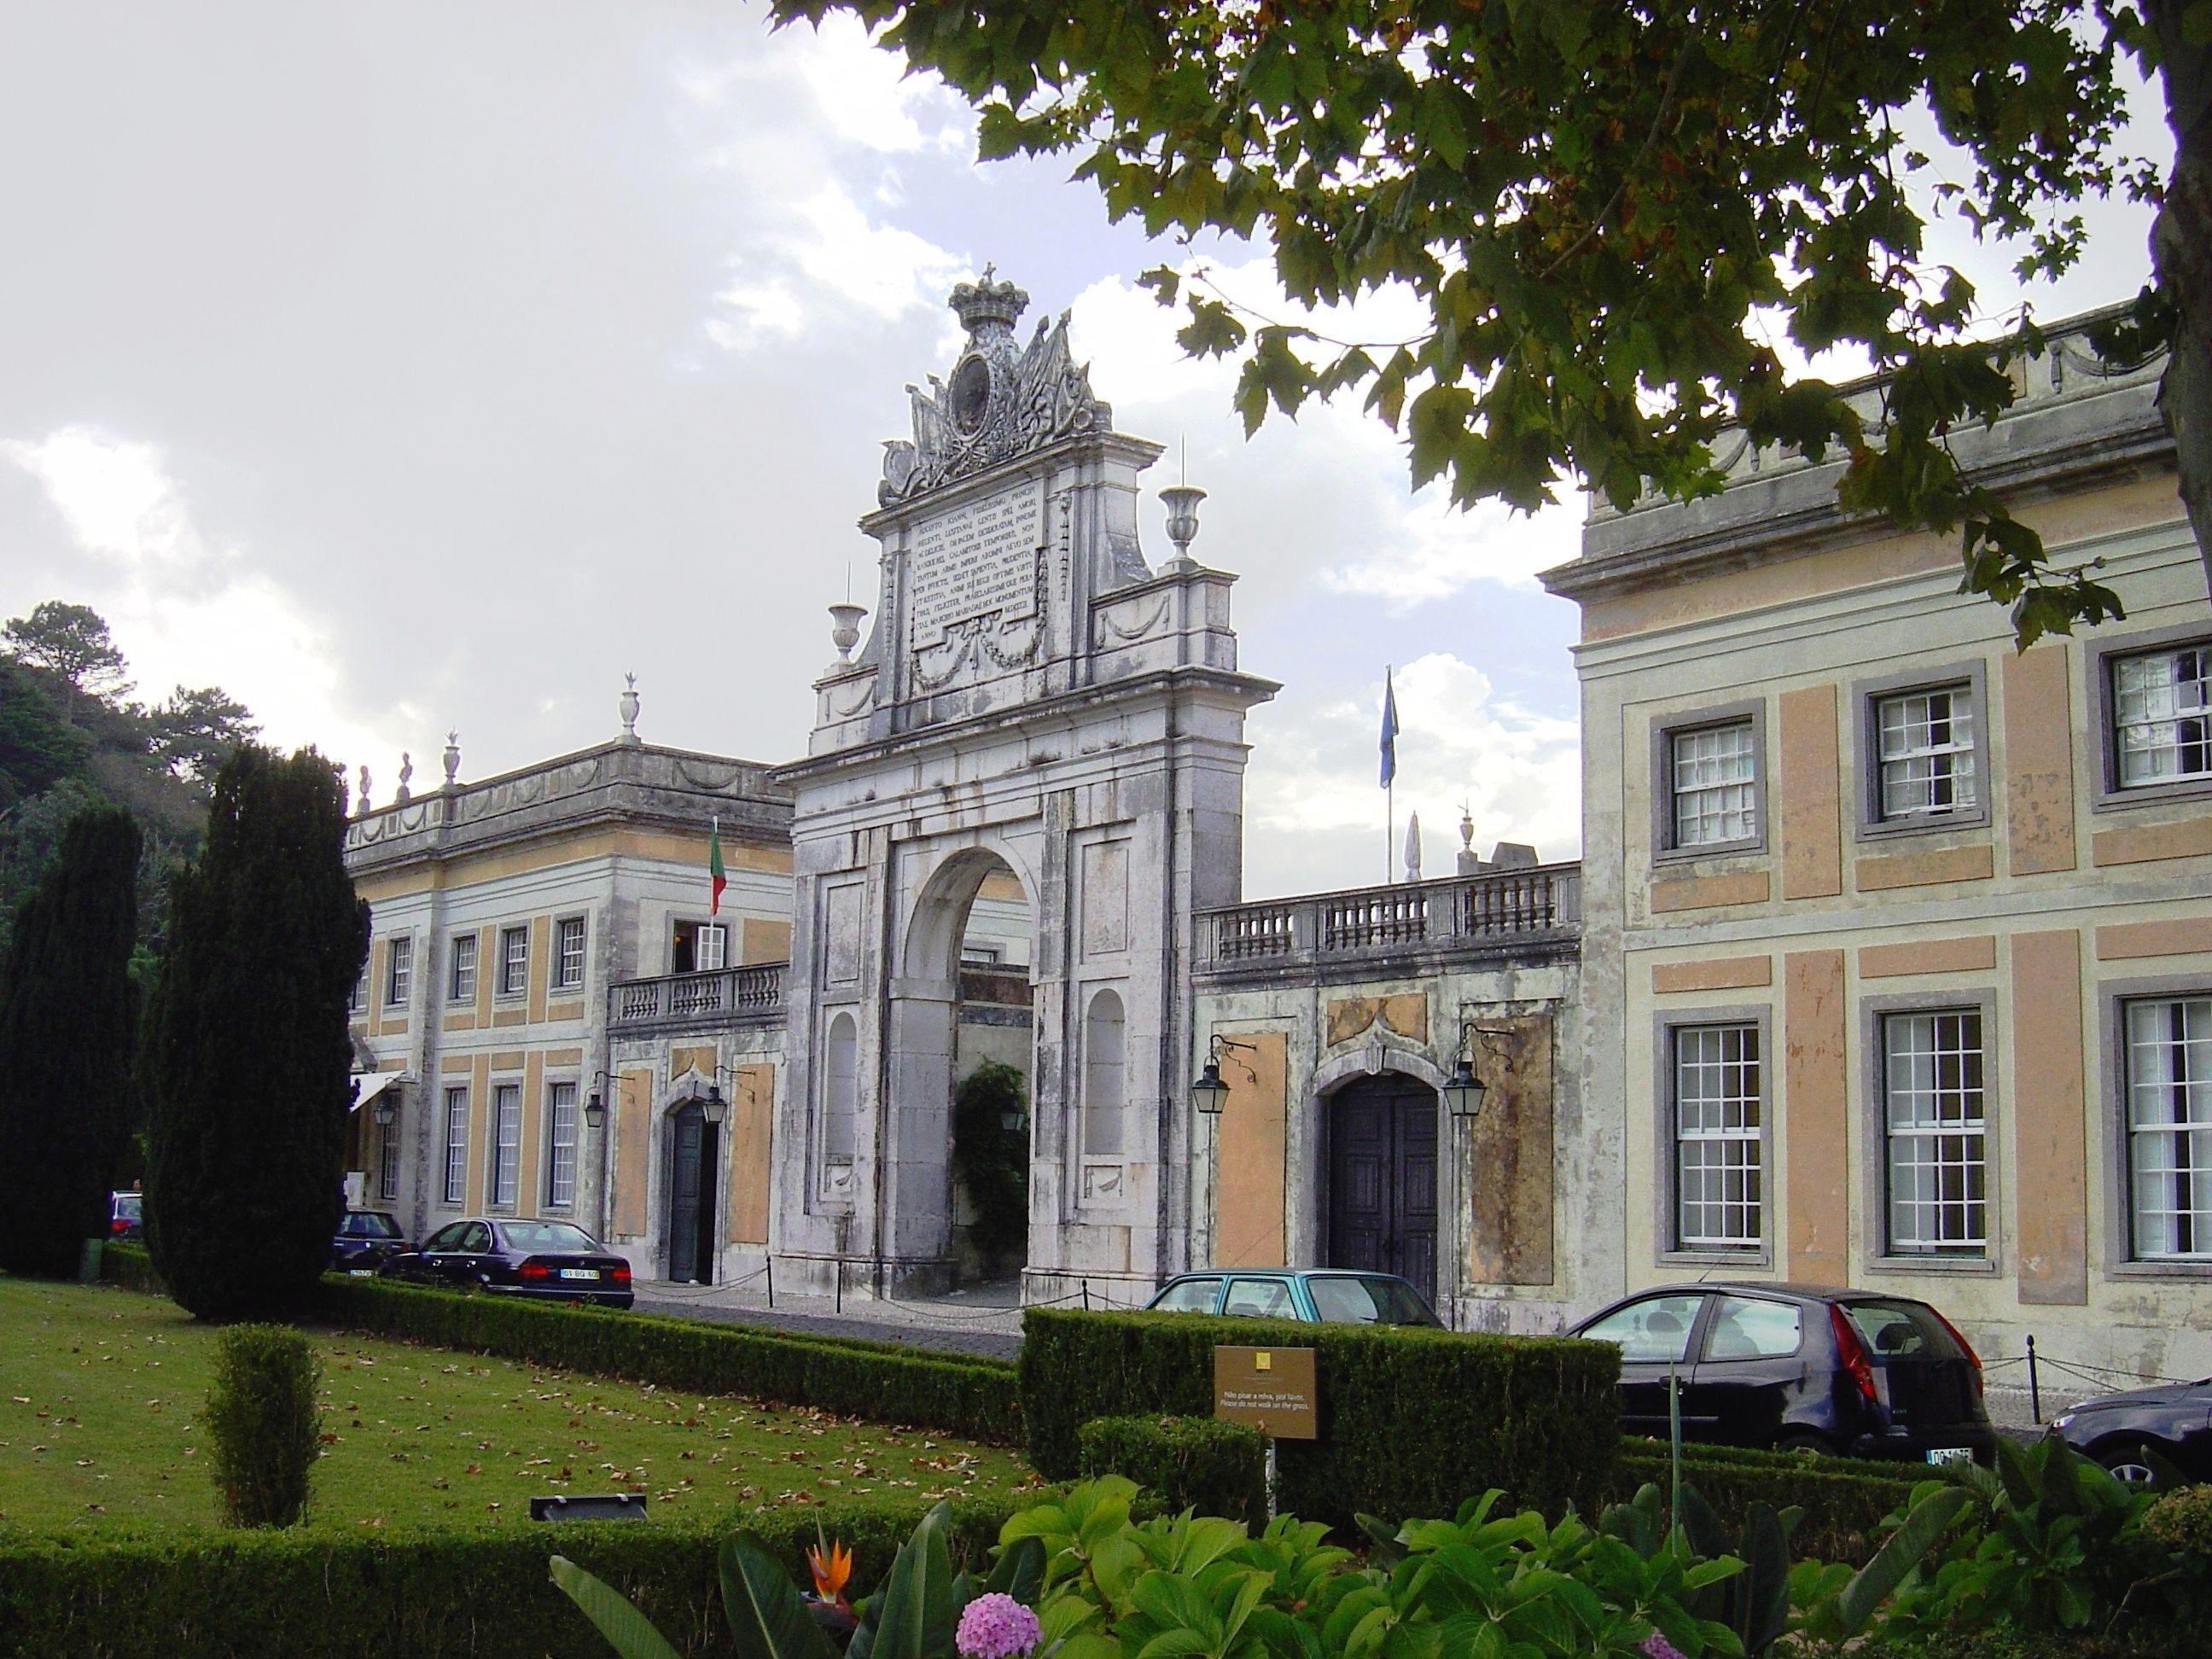 palacio de seteais - Google Search